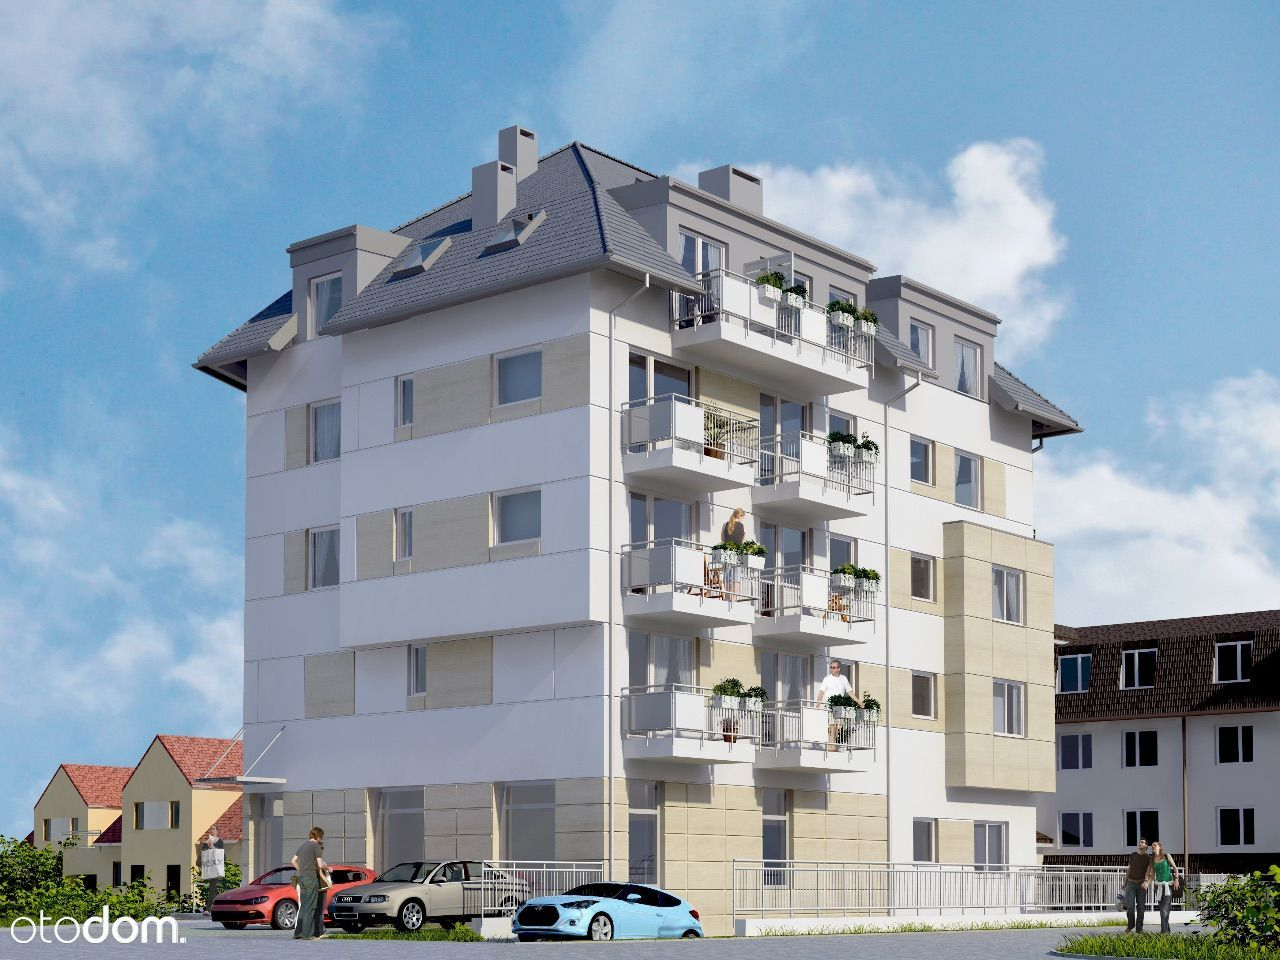 Mieszkanie na sprzedaż, Rumia, wejherowski, pomorskie - Foto 1001